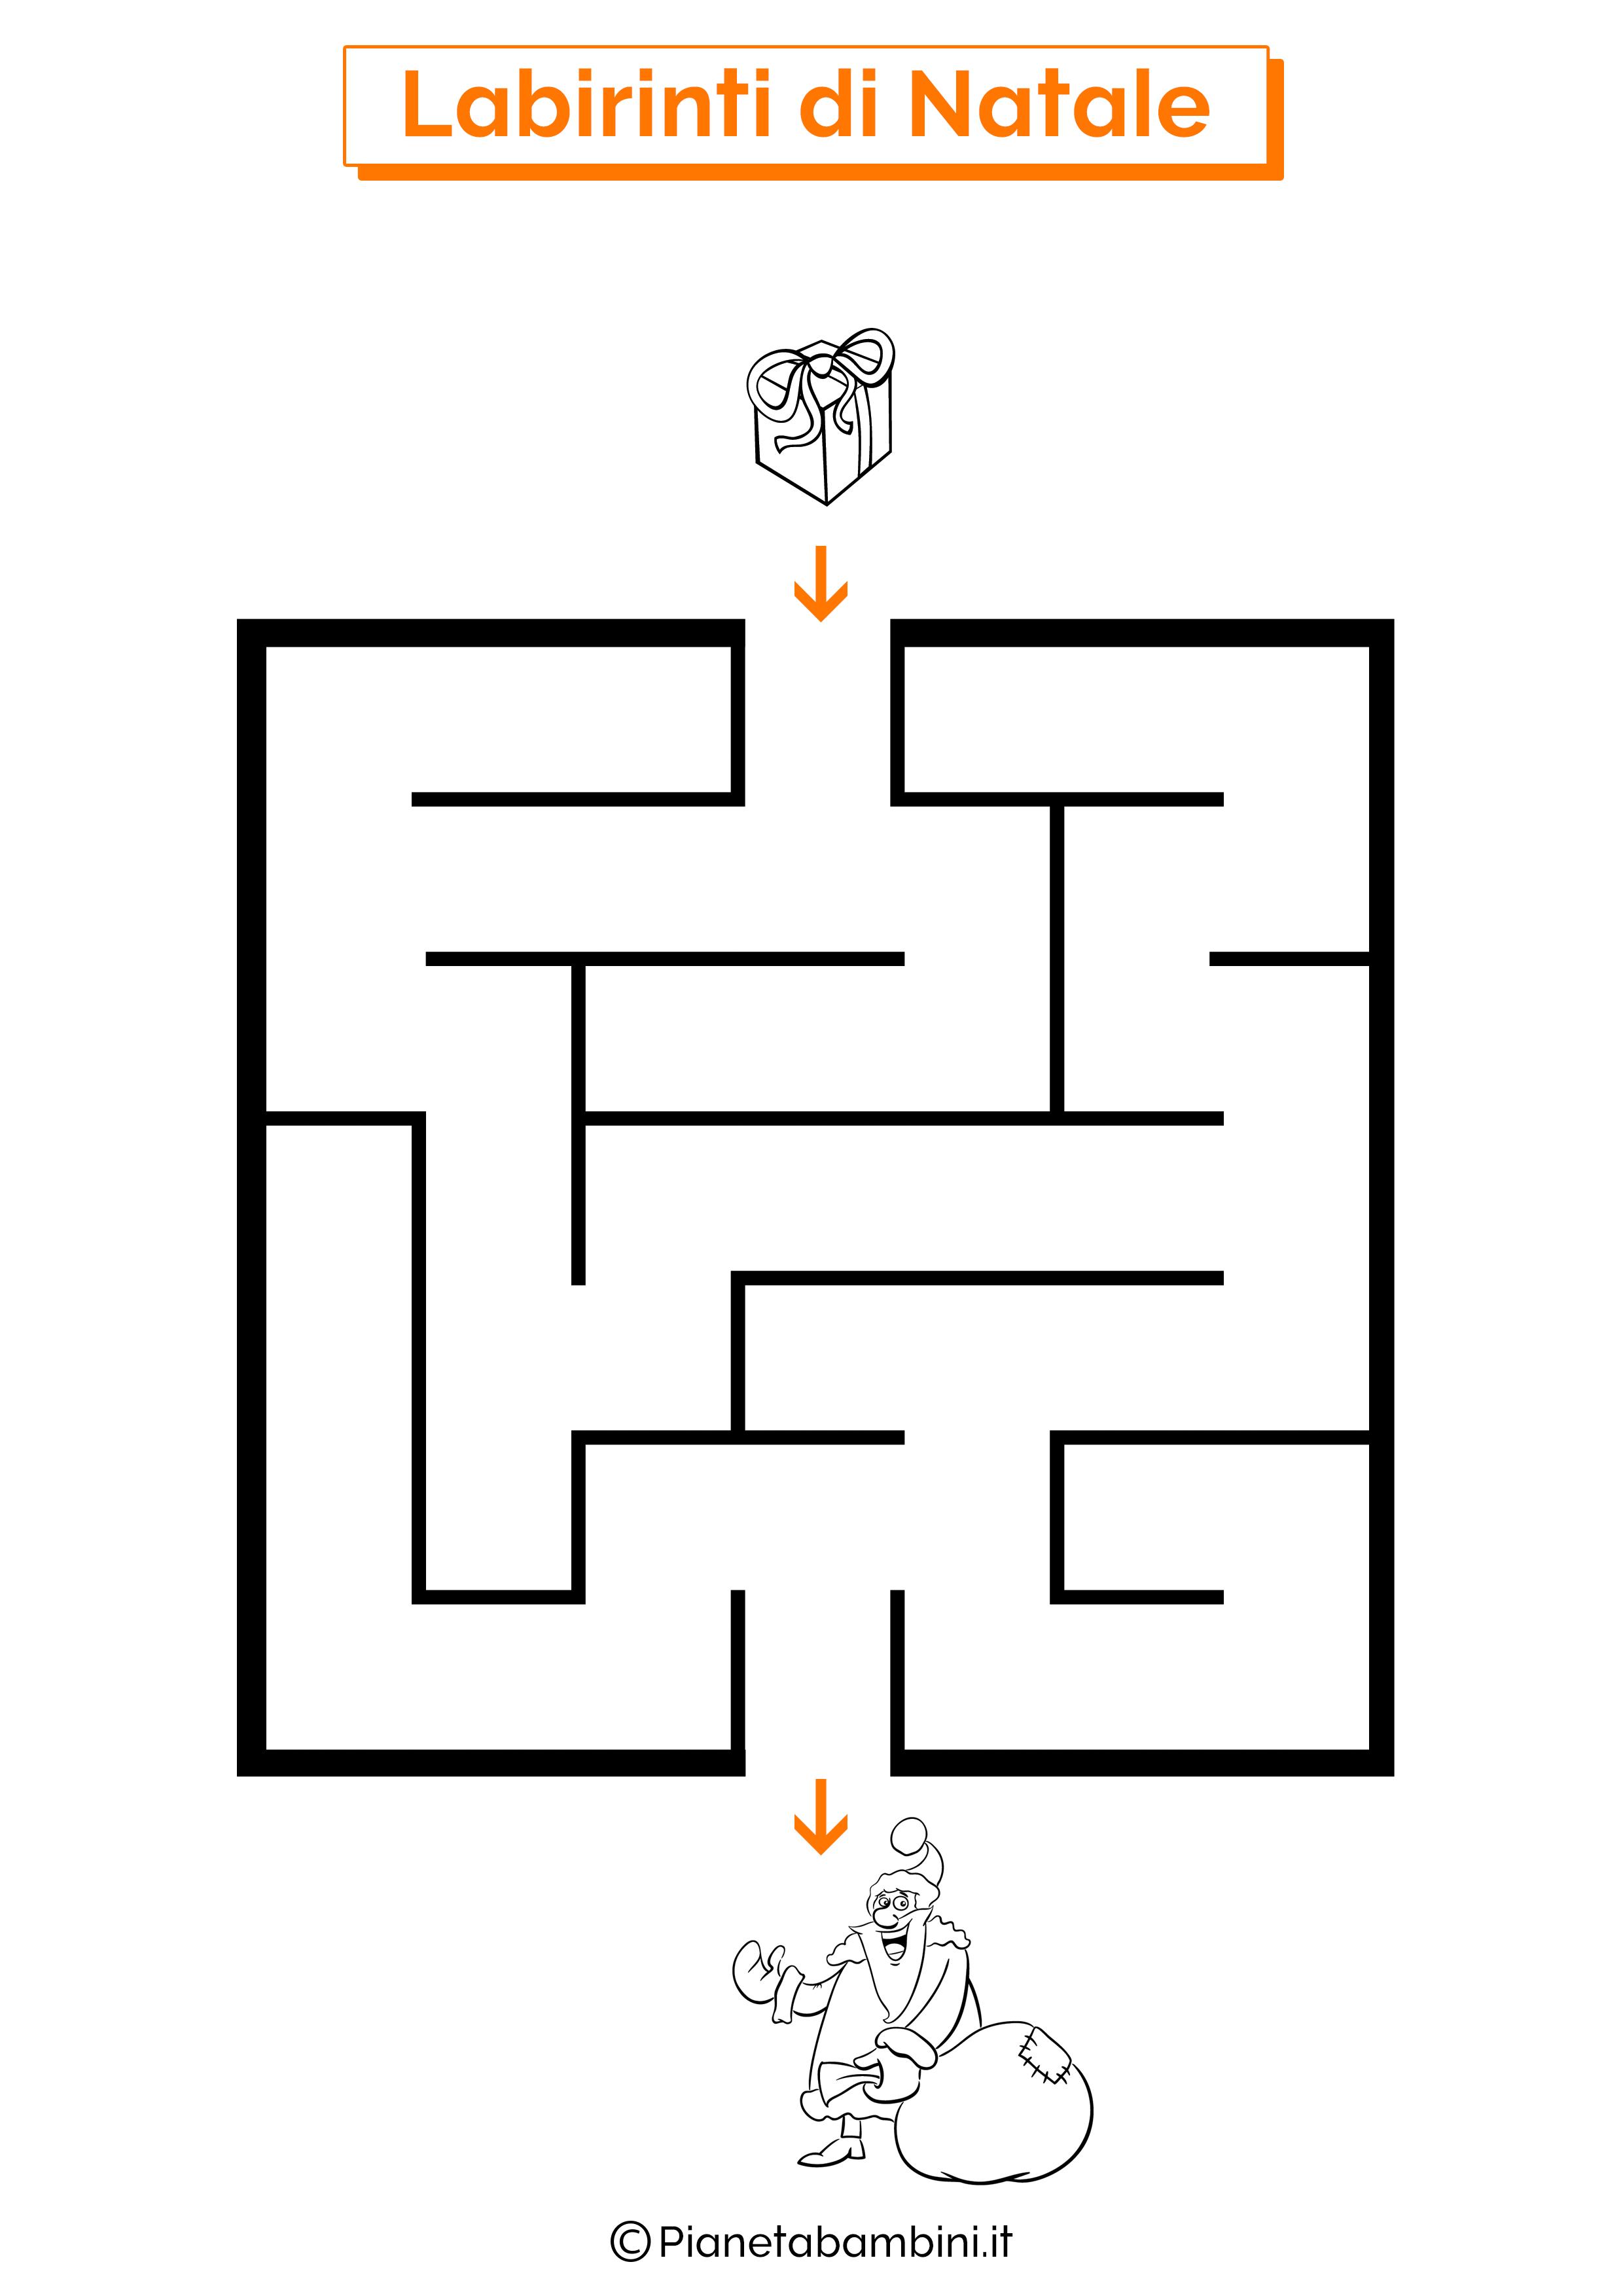 Labirinto di Natale da stampare 01